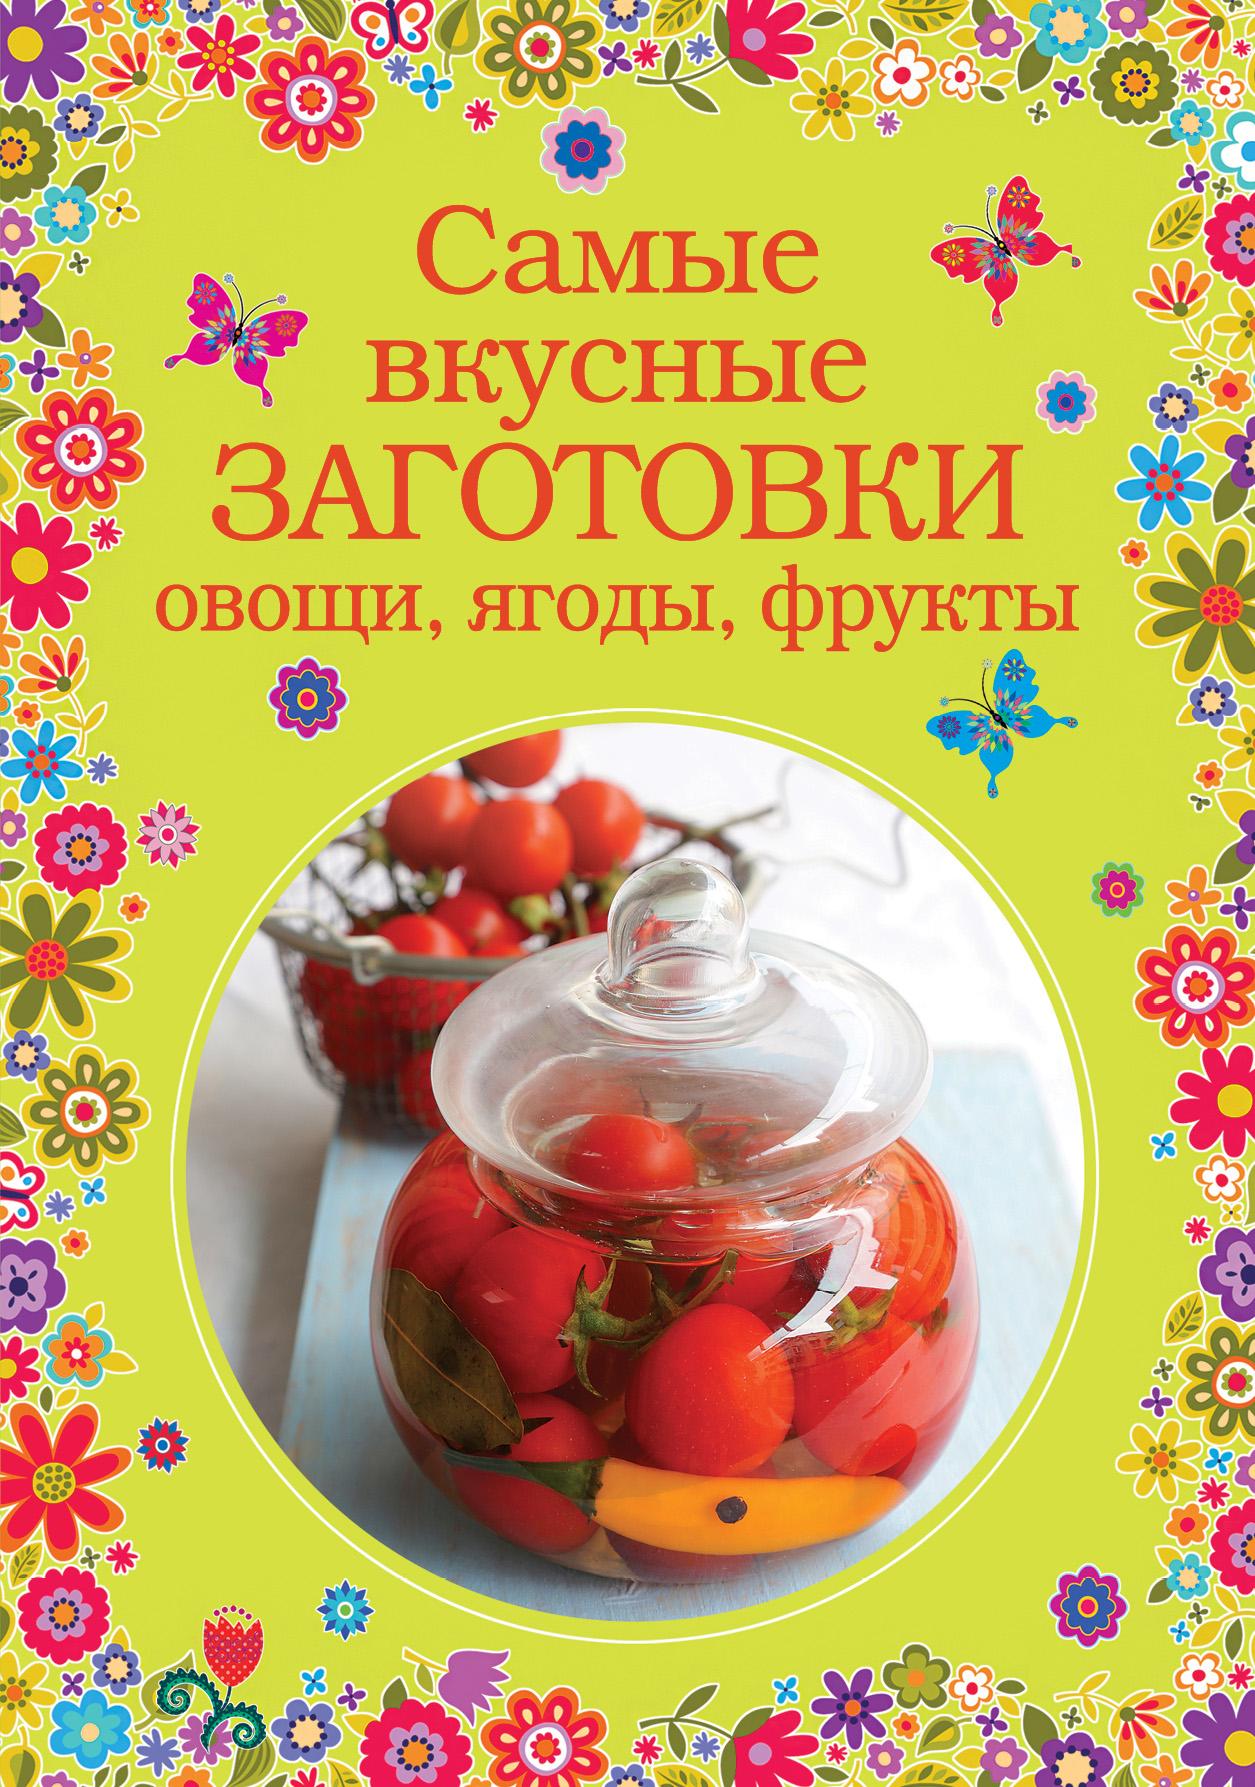 Самые вкусные заготовки. Овощи, ягоды, фрукты бебнева ю в домашние заготовки